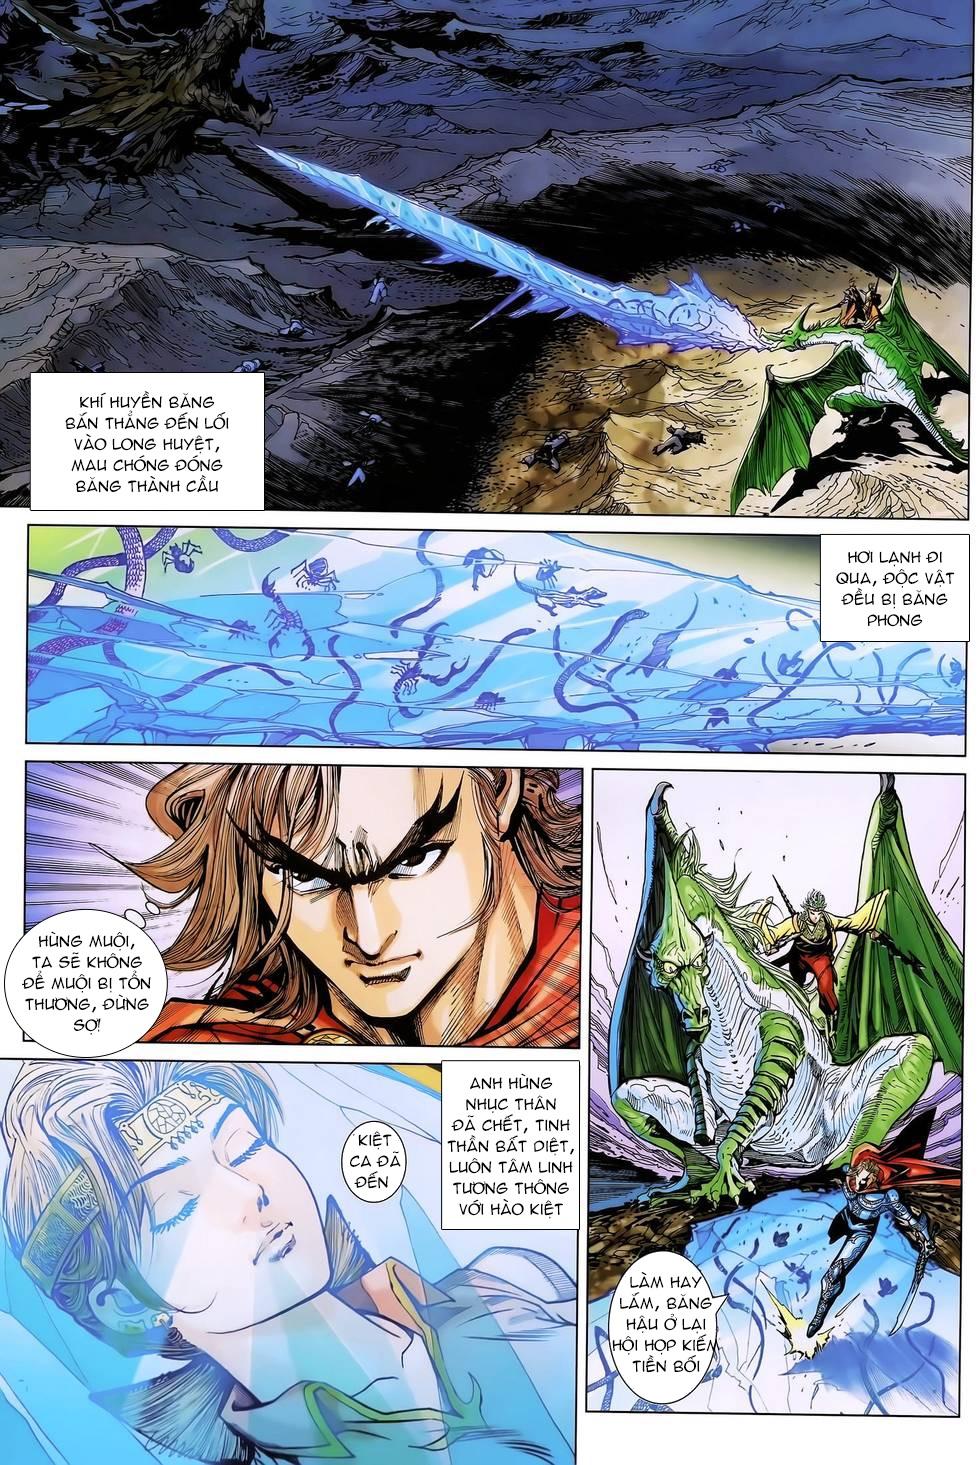 Thần binh huyền kỳ 3 - 3.5 tập 172 - 6